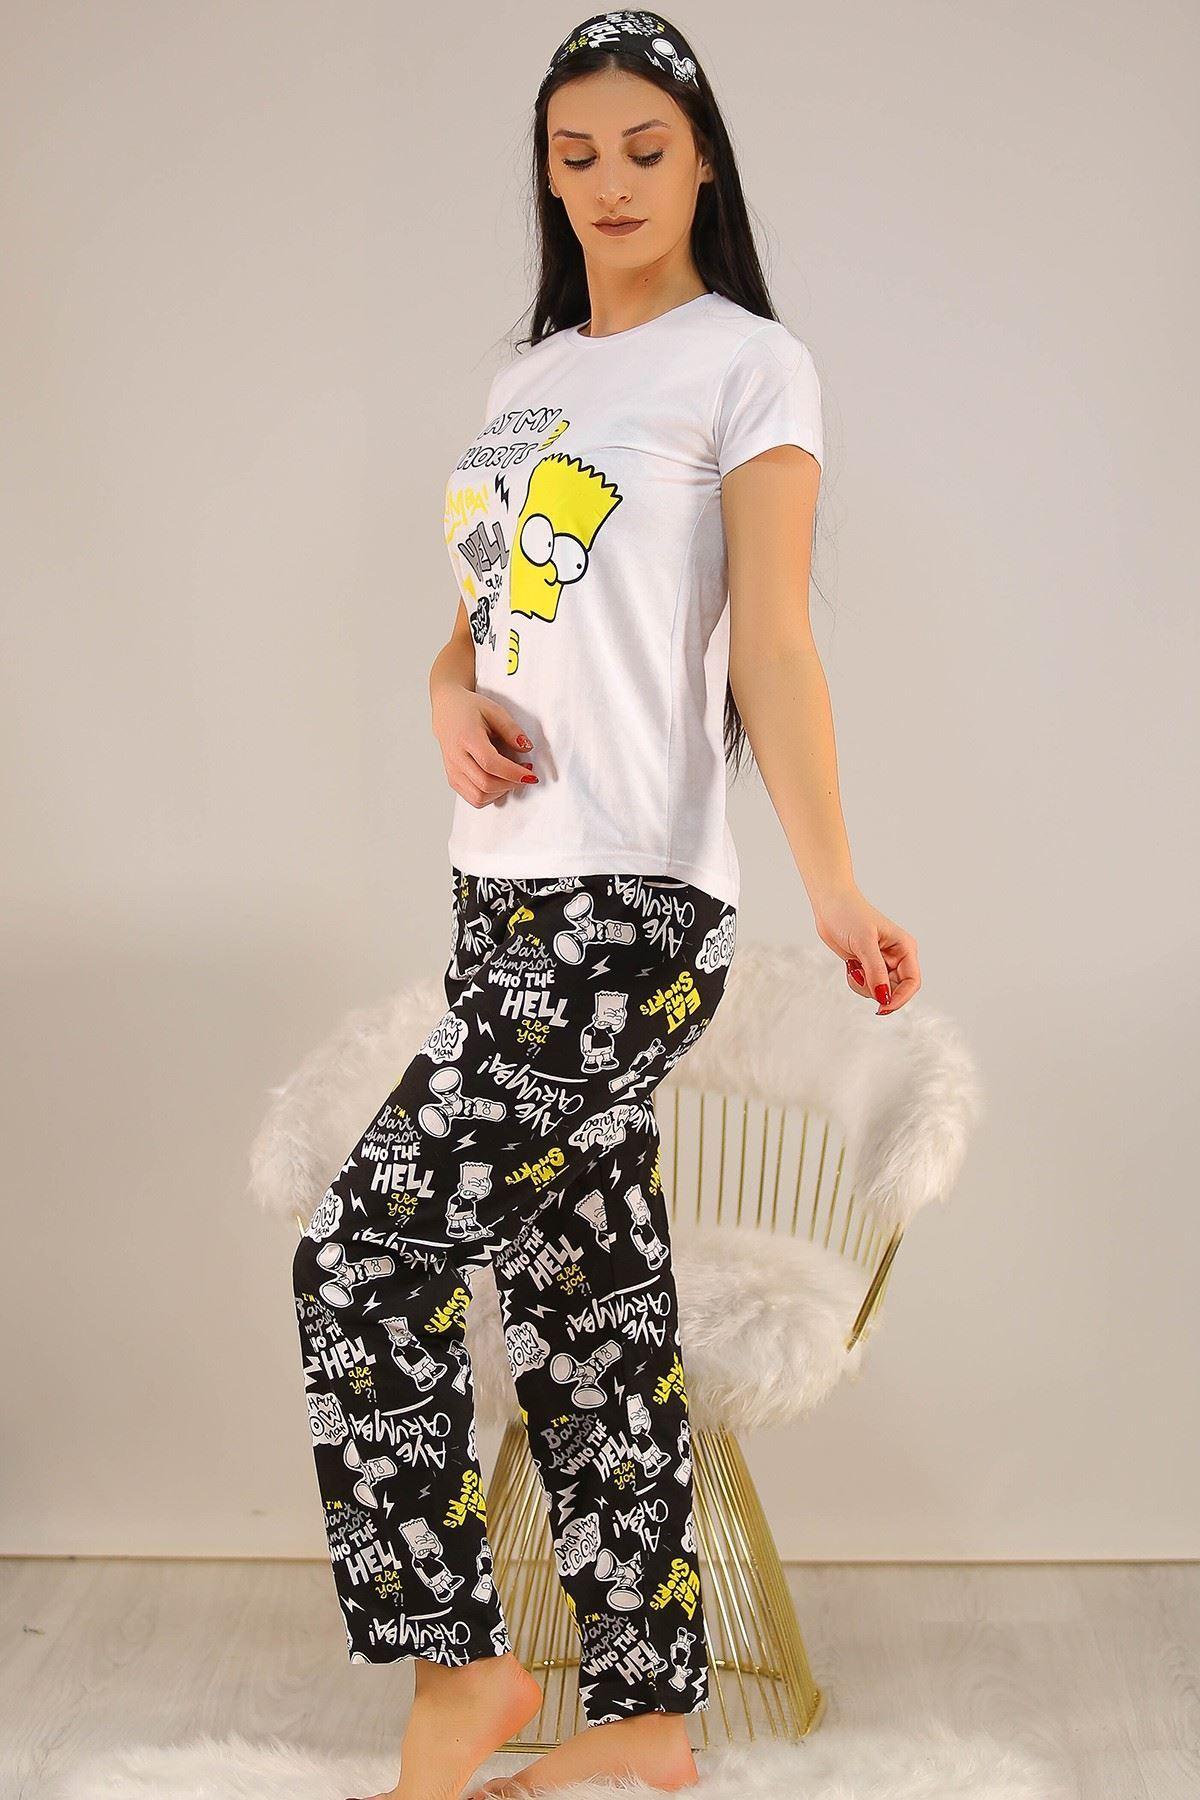 Baskılı Pijama Takımı Beyaz - 21503.1059.